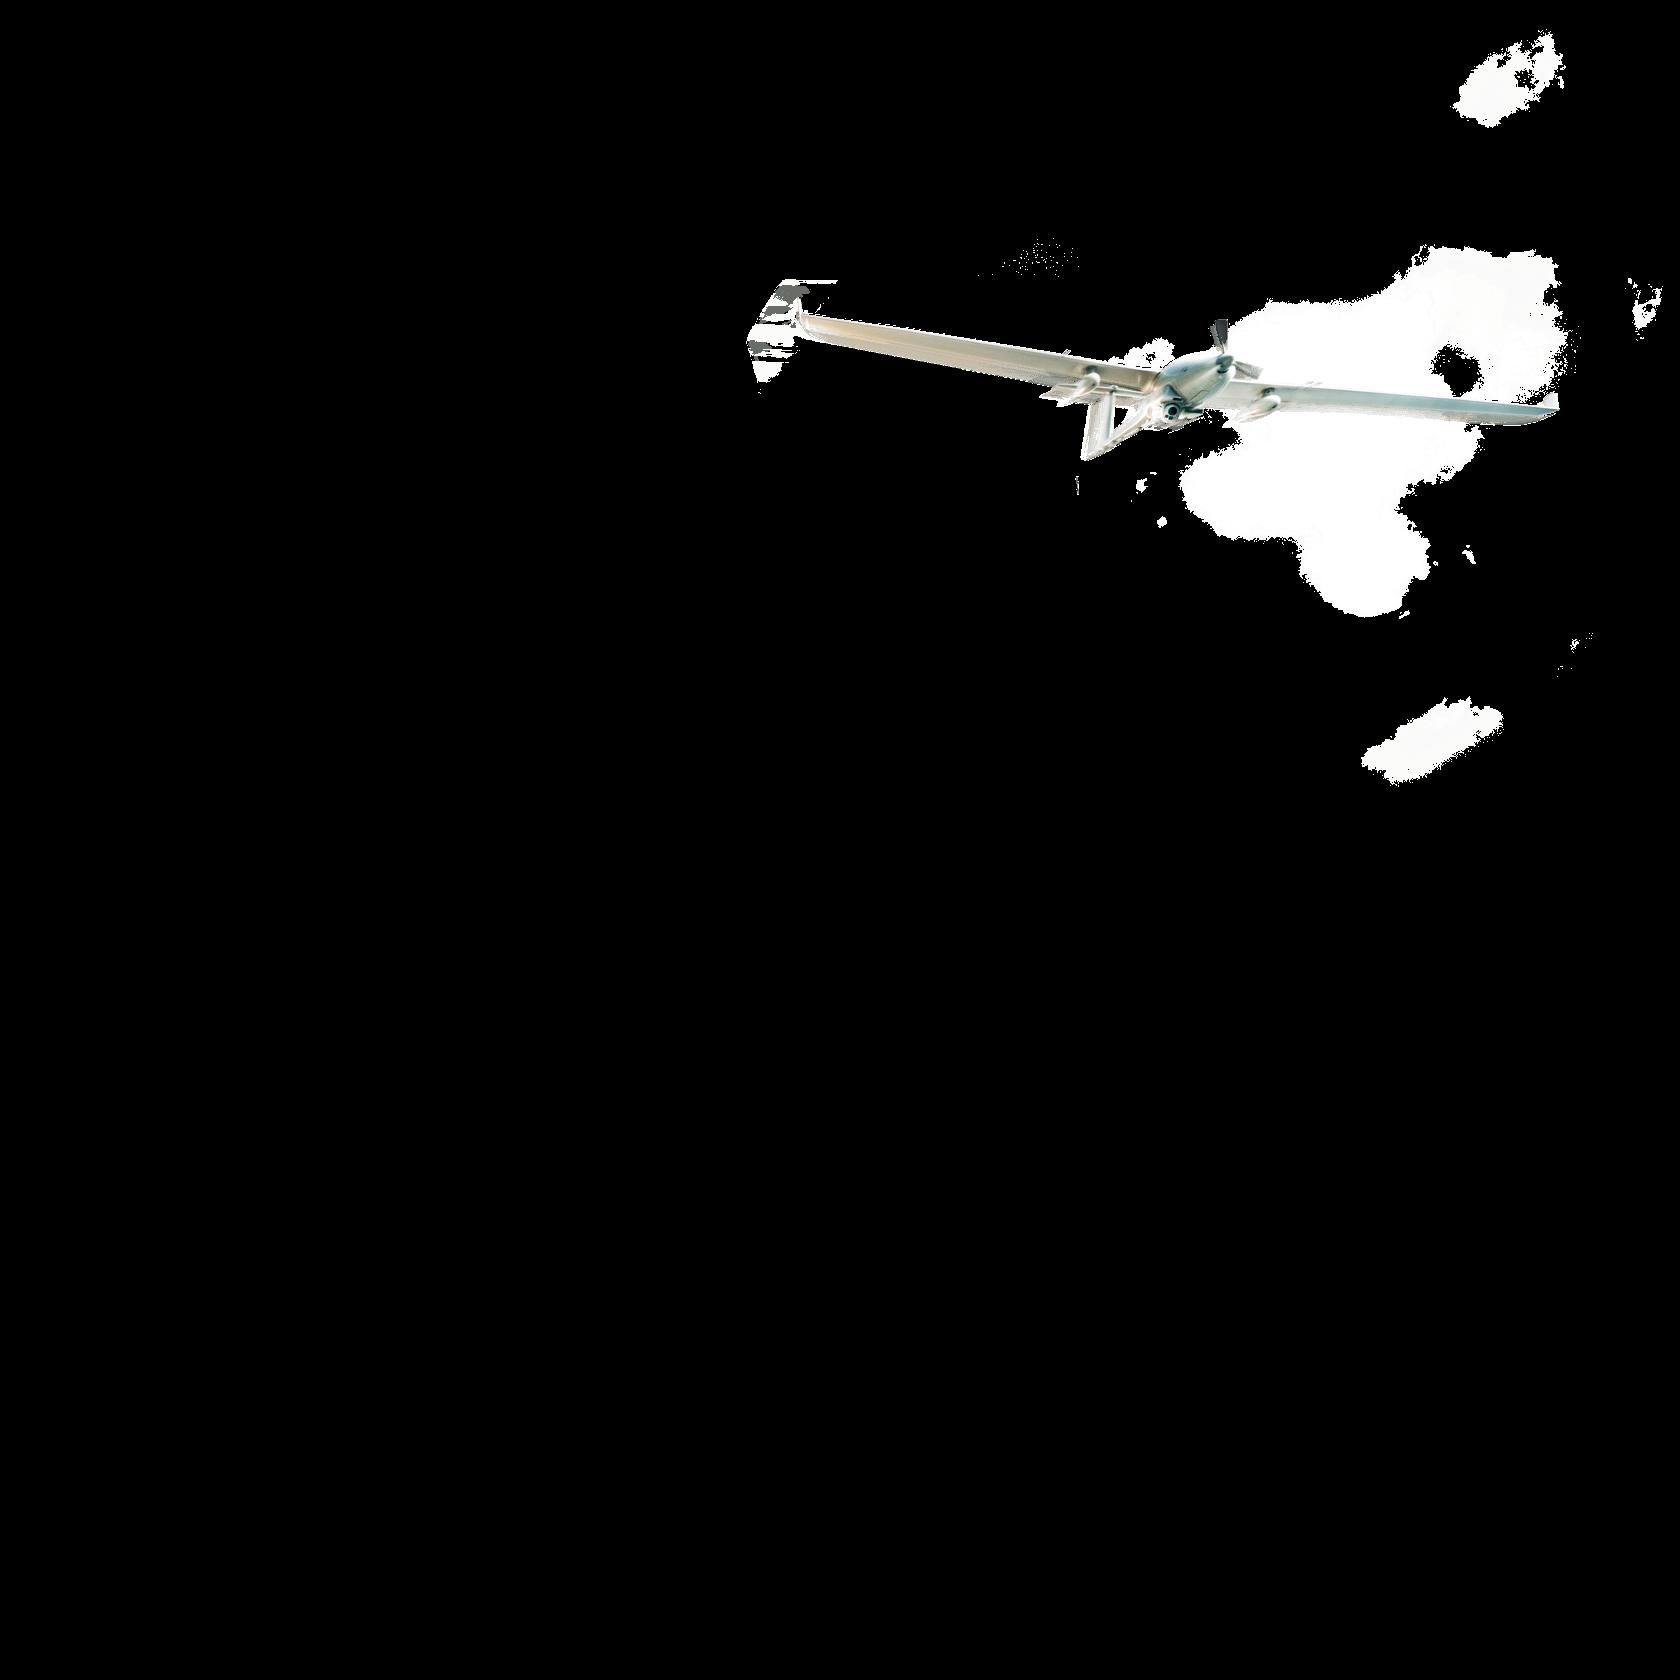 ultisense flugzeug